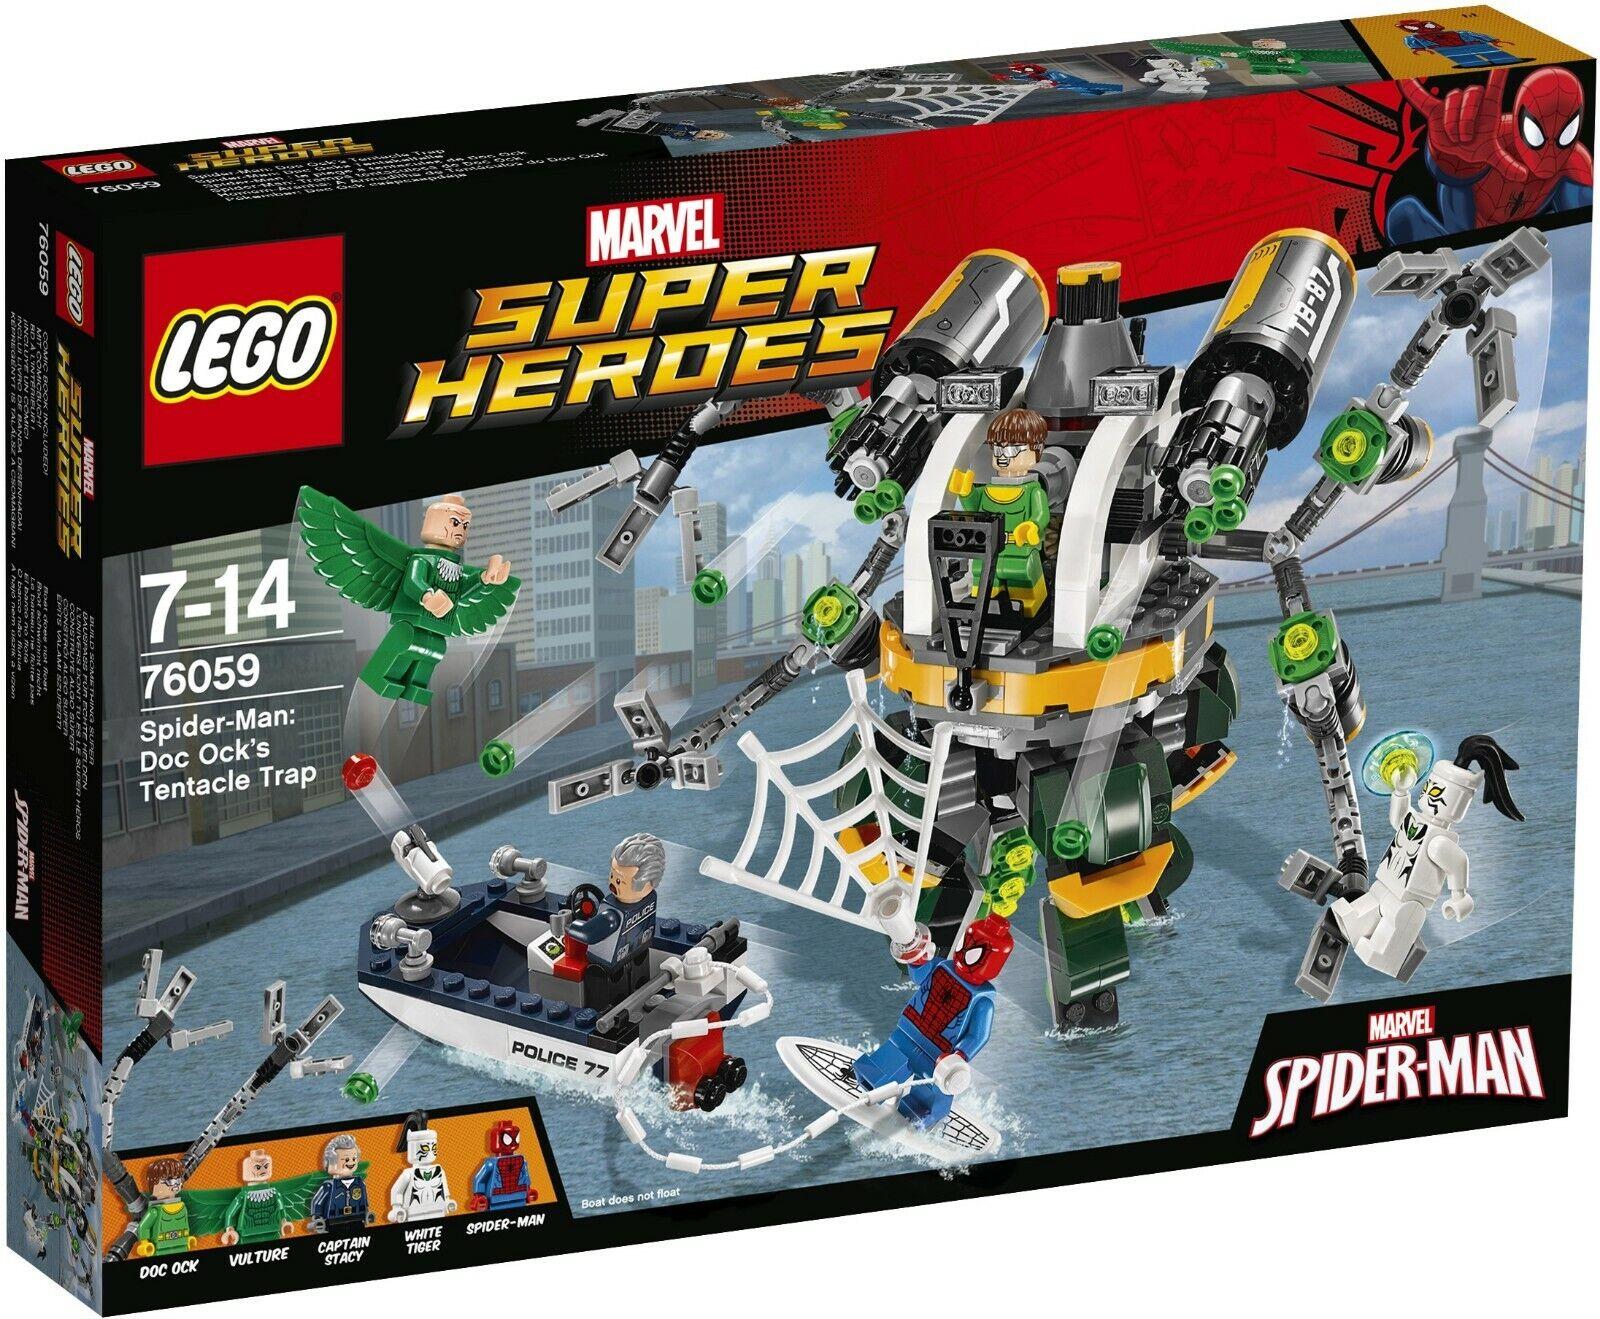 LEGO Marvel Super Heroes 76059 Spider-Man  Doc Ock's Tentacle Trap - NISB, Rare